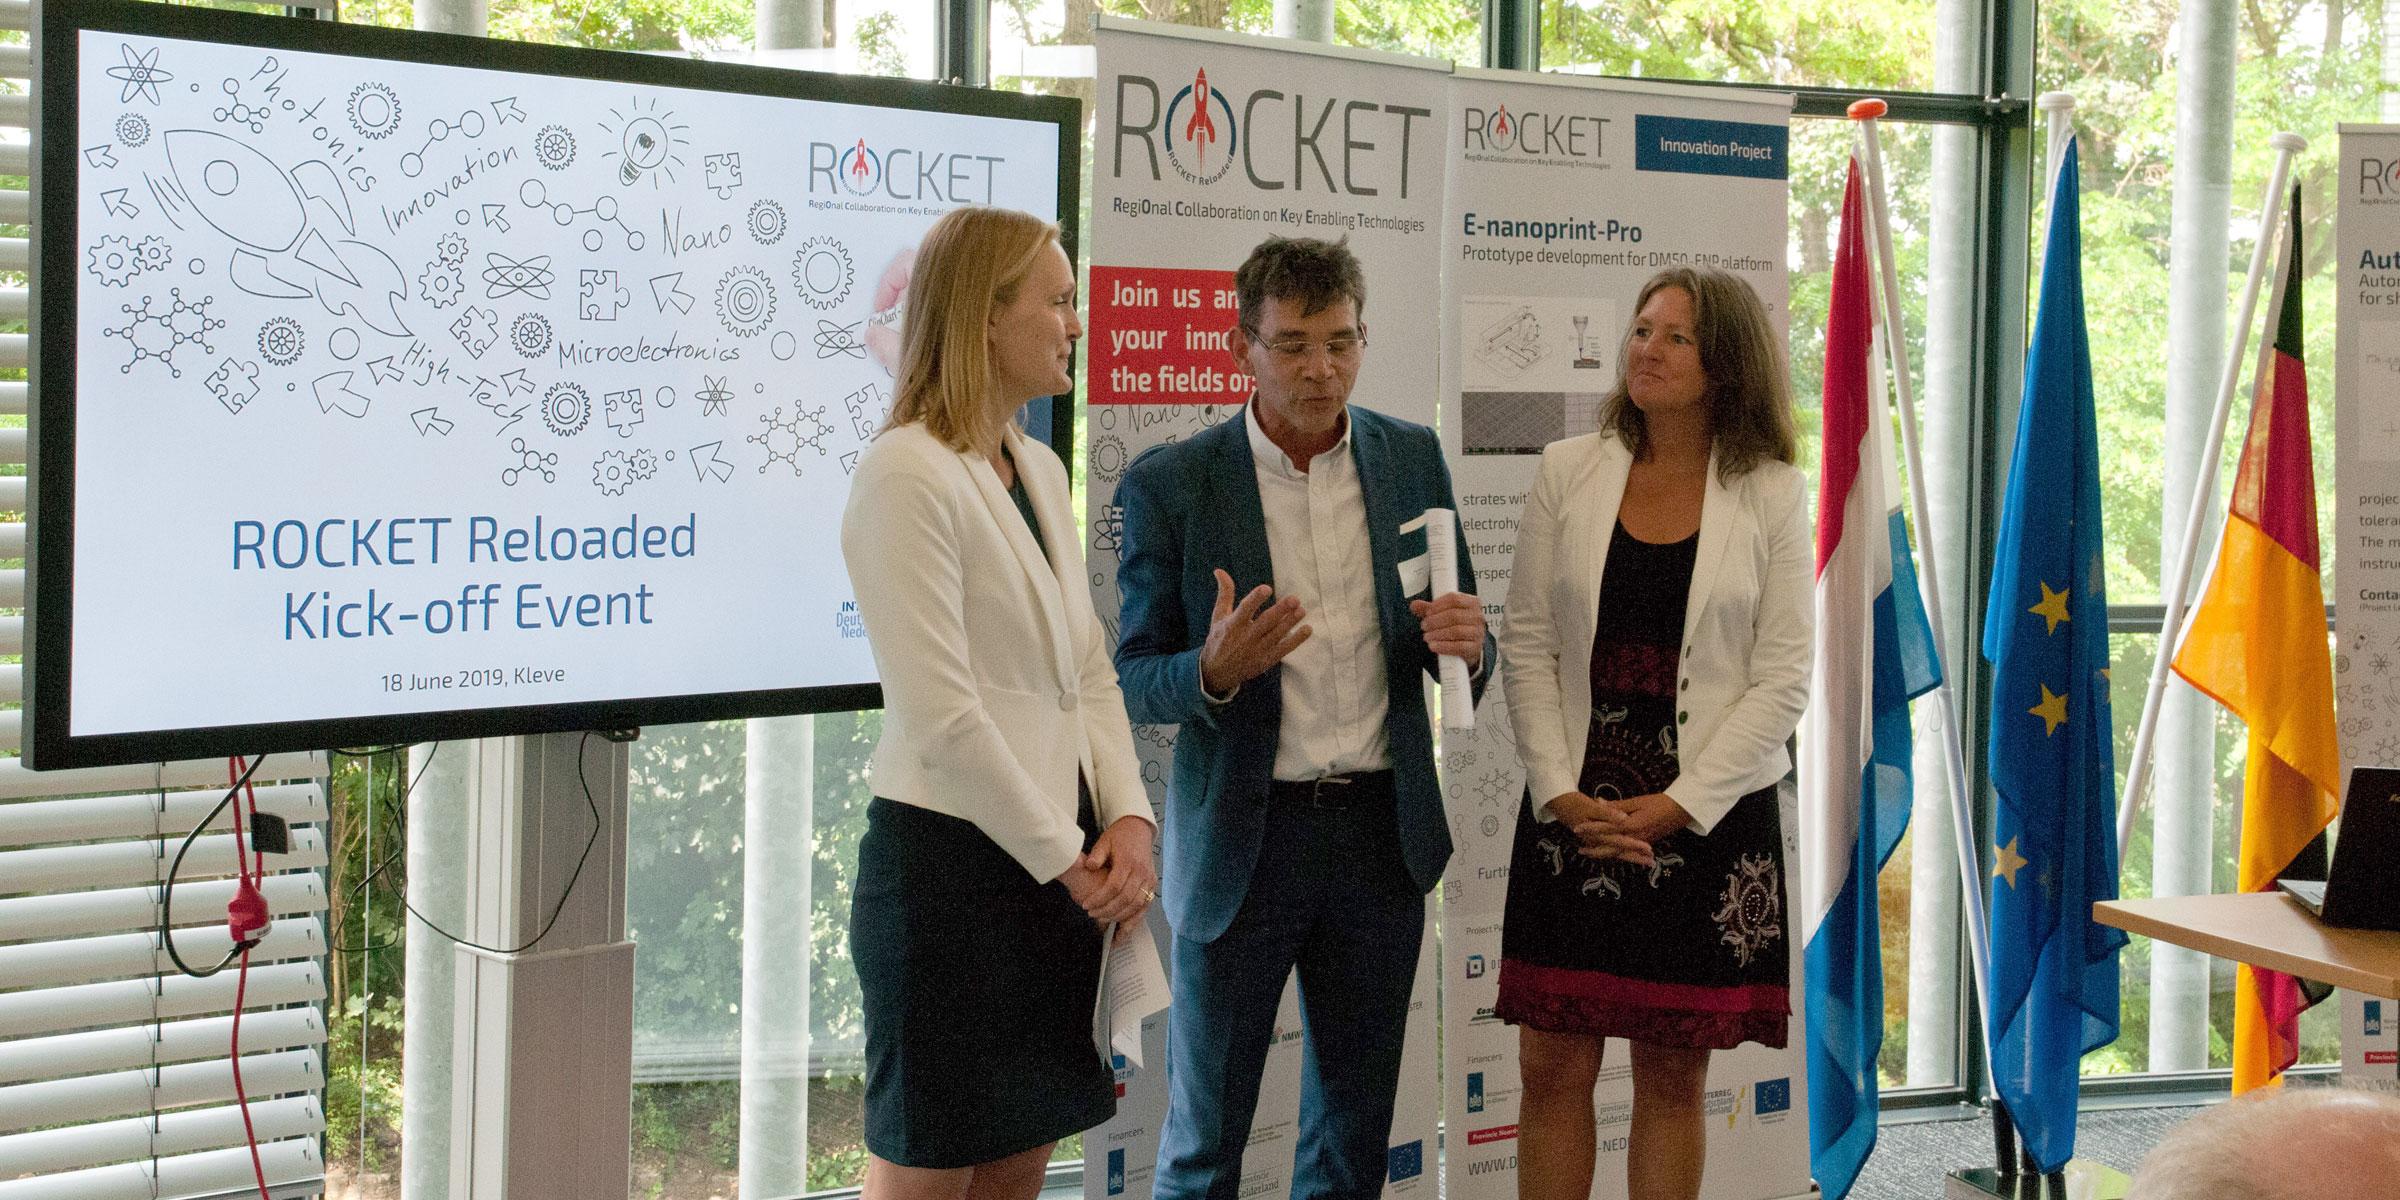 Ilka Meisel (Ministerium für Wirtschaft, Innovation, Digitalisierung und Energie des Landes Nordrhein-Westfalen) und Mirjam Visscher (Ministerie van Economische Zaken en Klimaat) im Gespräch mit Theo Föllings über die Bedeutung der deutsch- niederländischen Zusammenarbeit bei High-Tech-Themen.